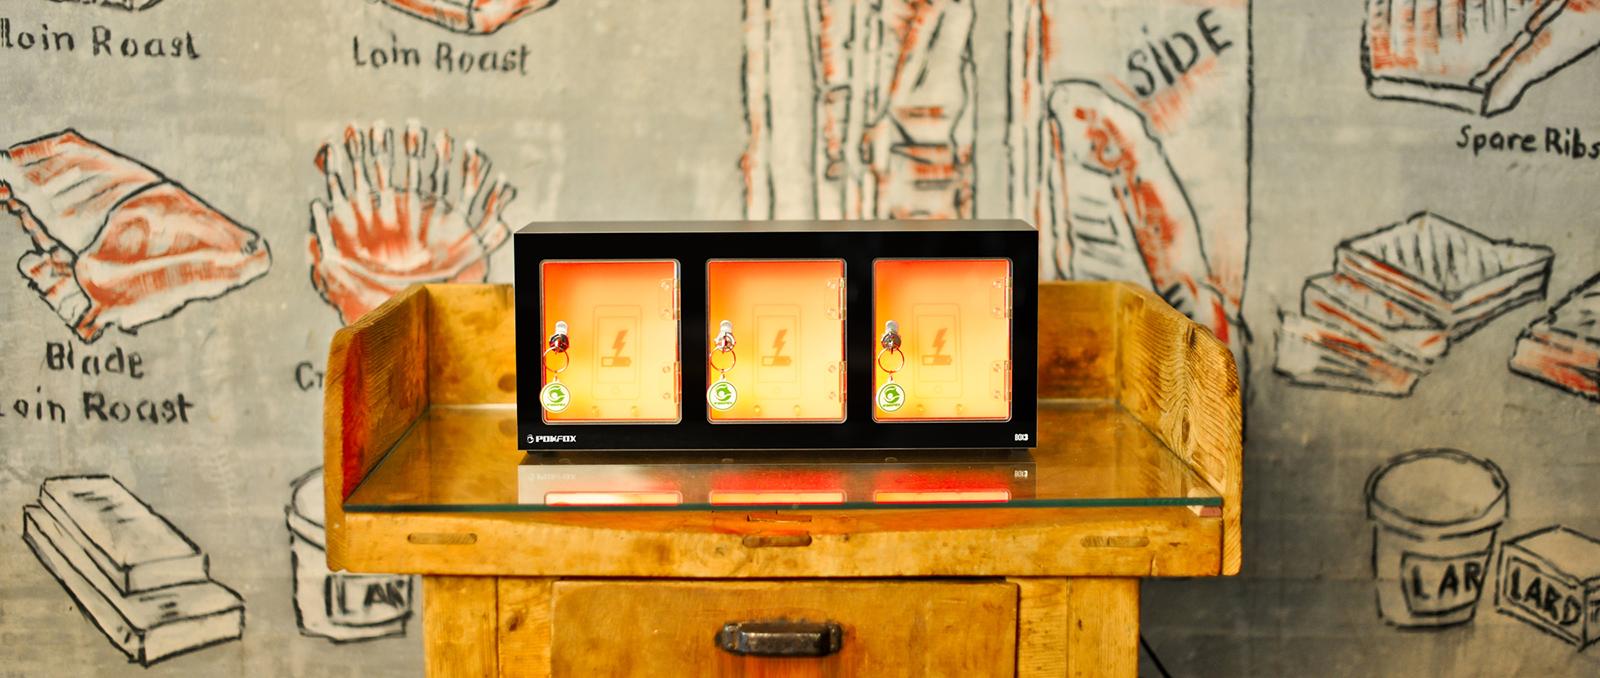 KALB-BOX3-V3-SCHWARZ-NEU-OHNE-LOGO-1600-x-678_WEBSITE